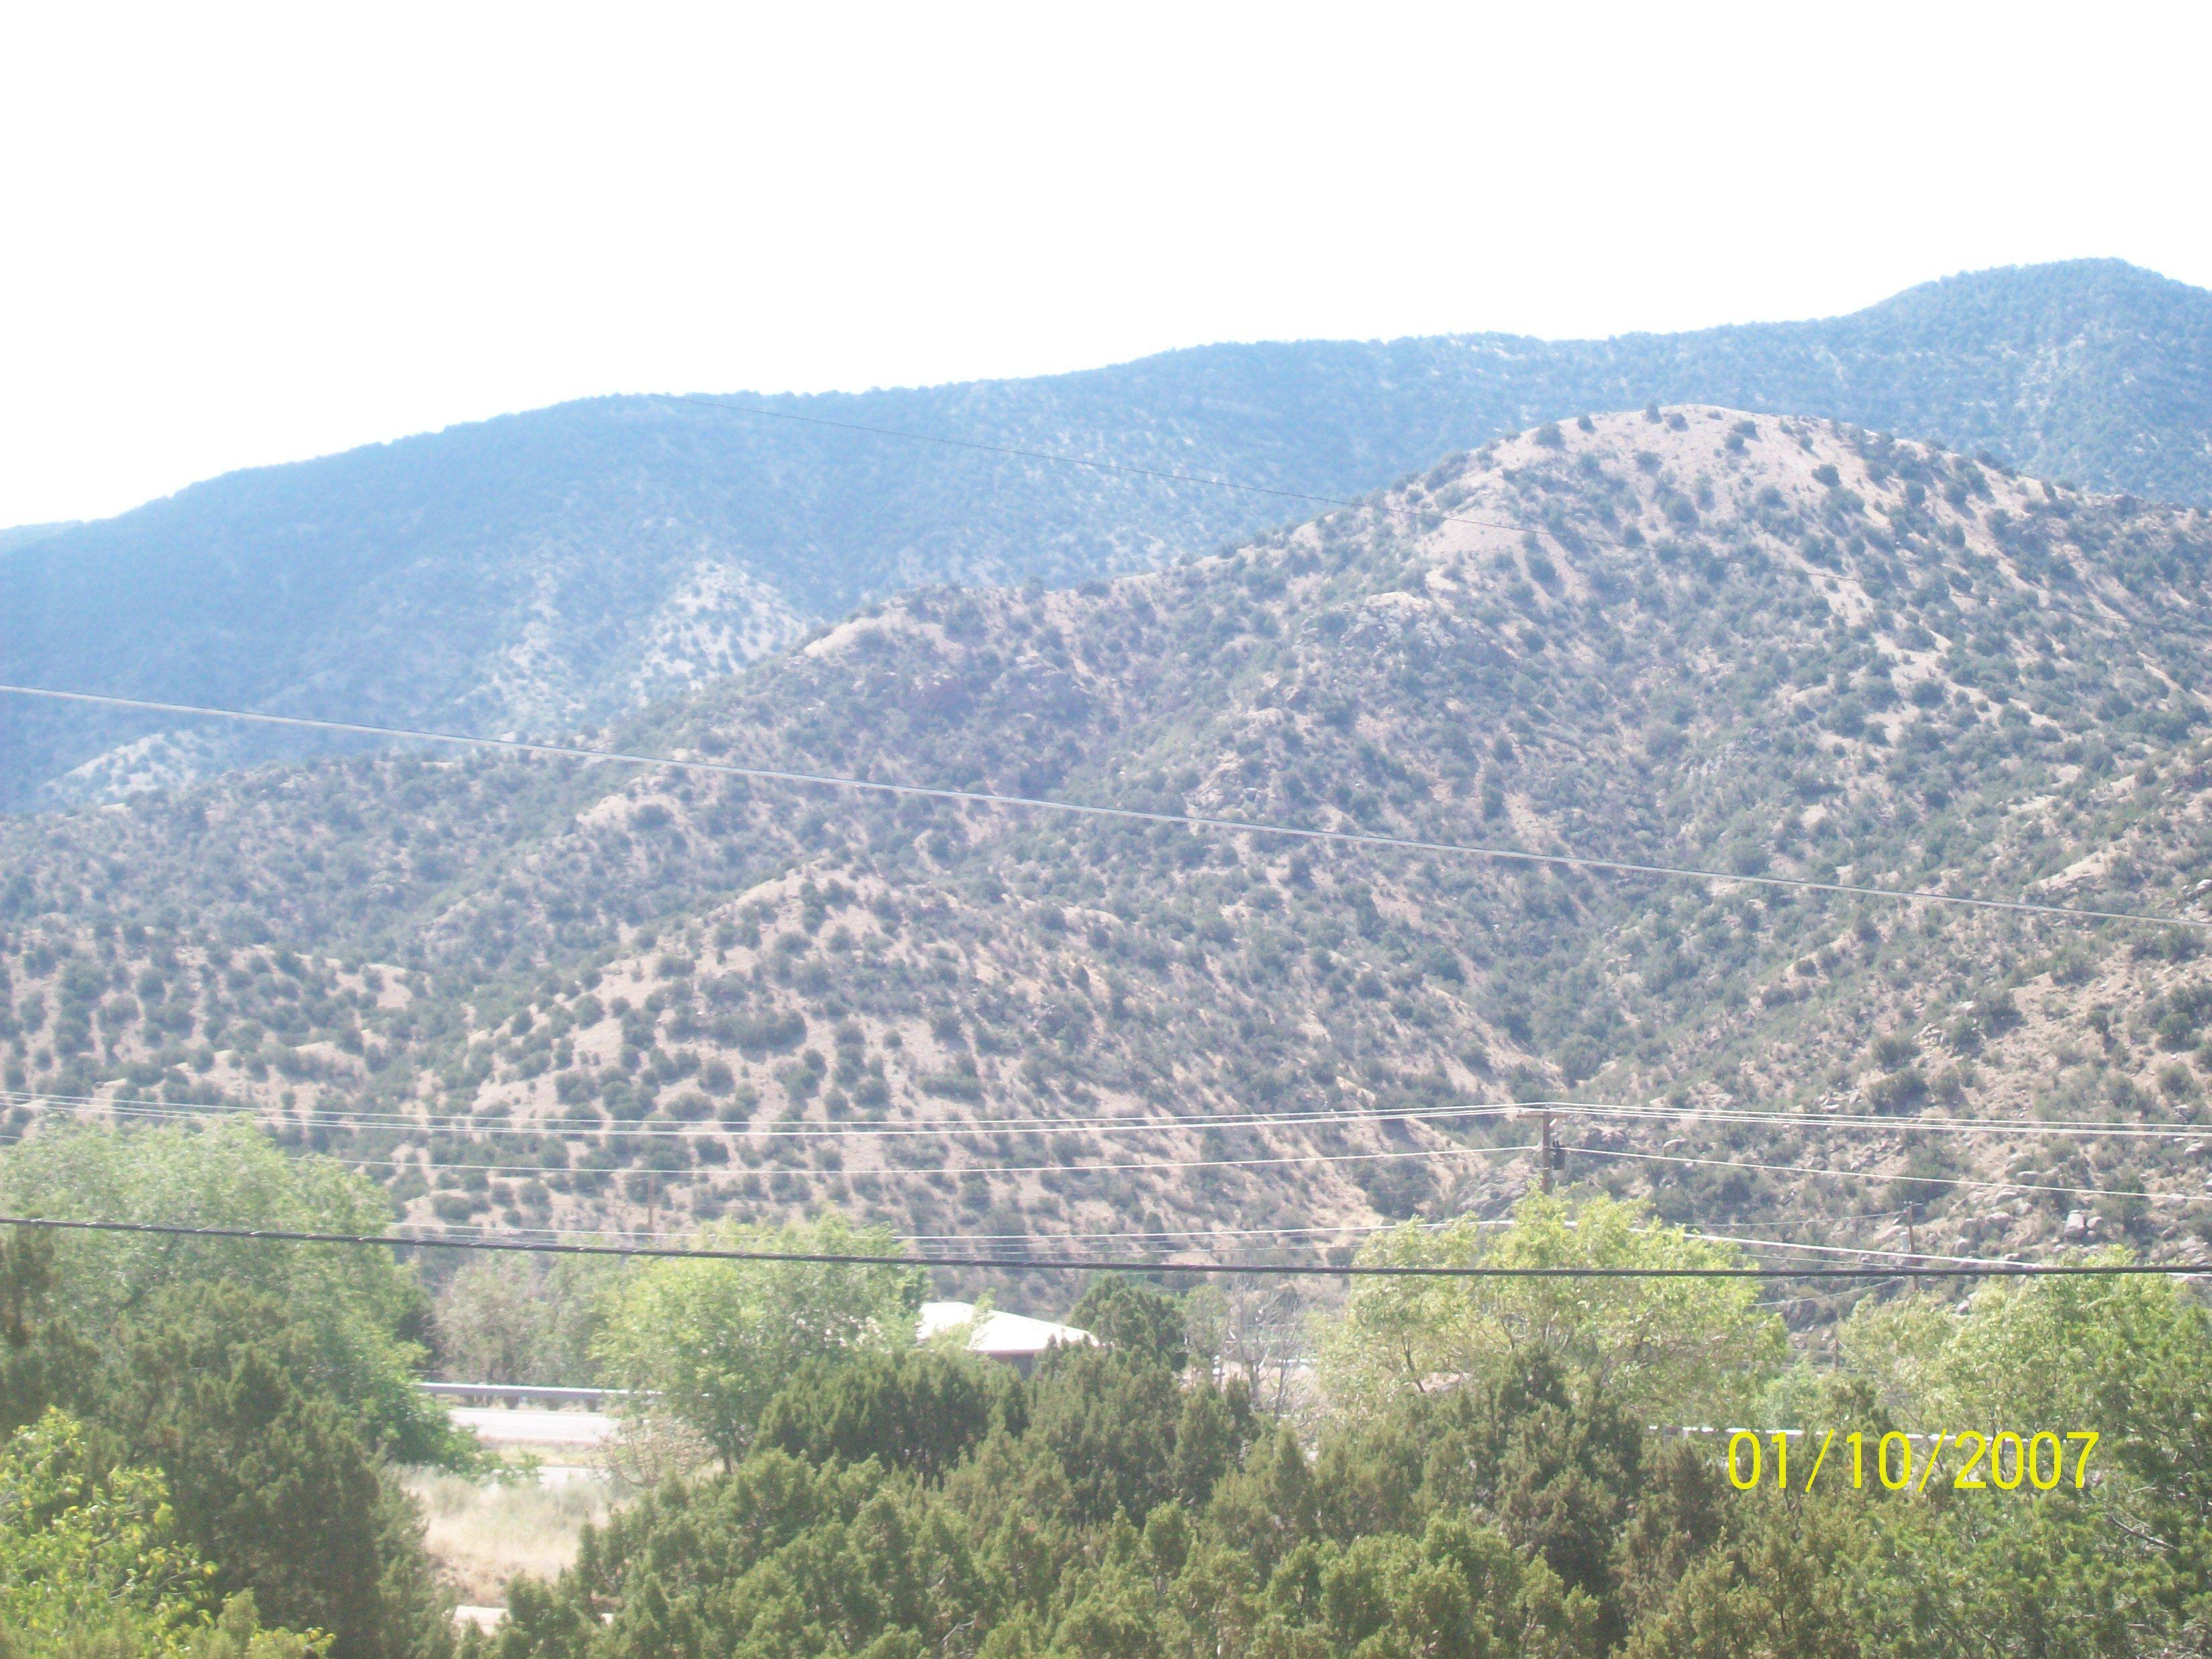 Mountains east of albuquerque new mexico albuquerque